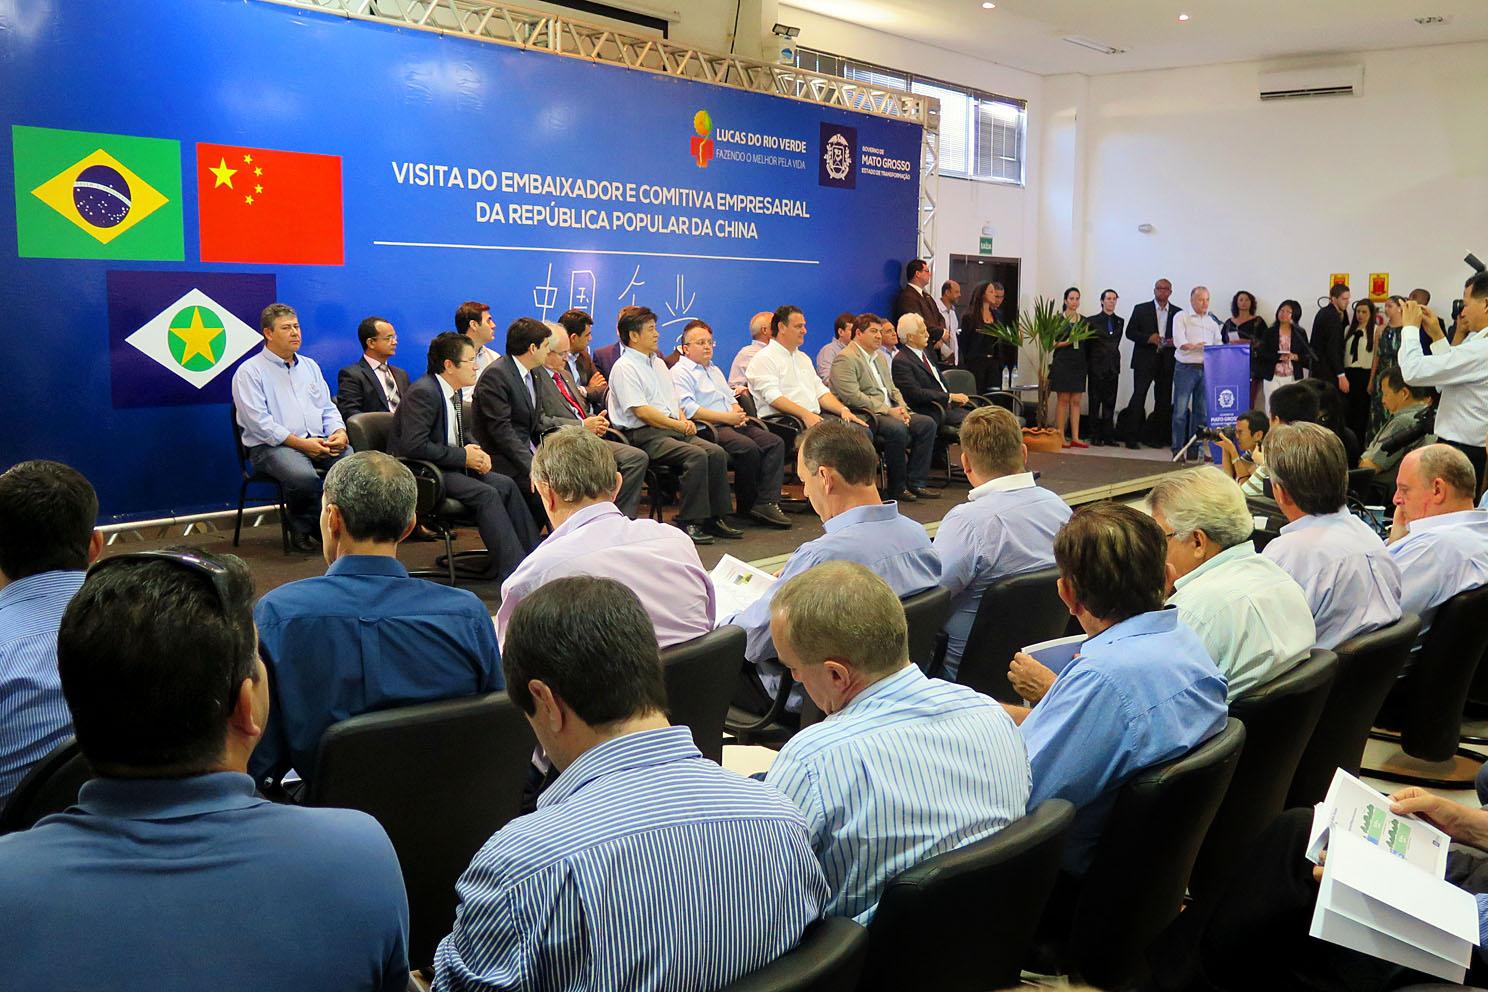 Transoceânica : Fávaro defende importância de ferrovia em reunião com chineses